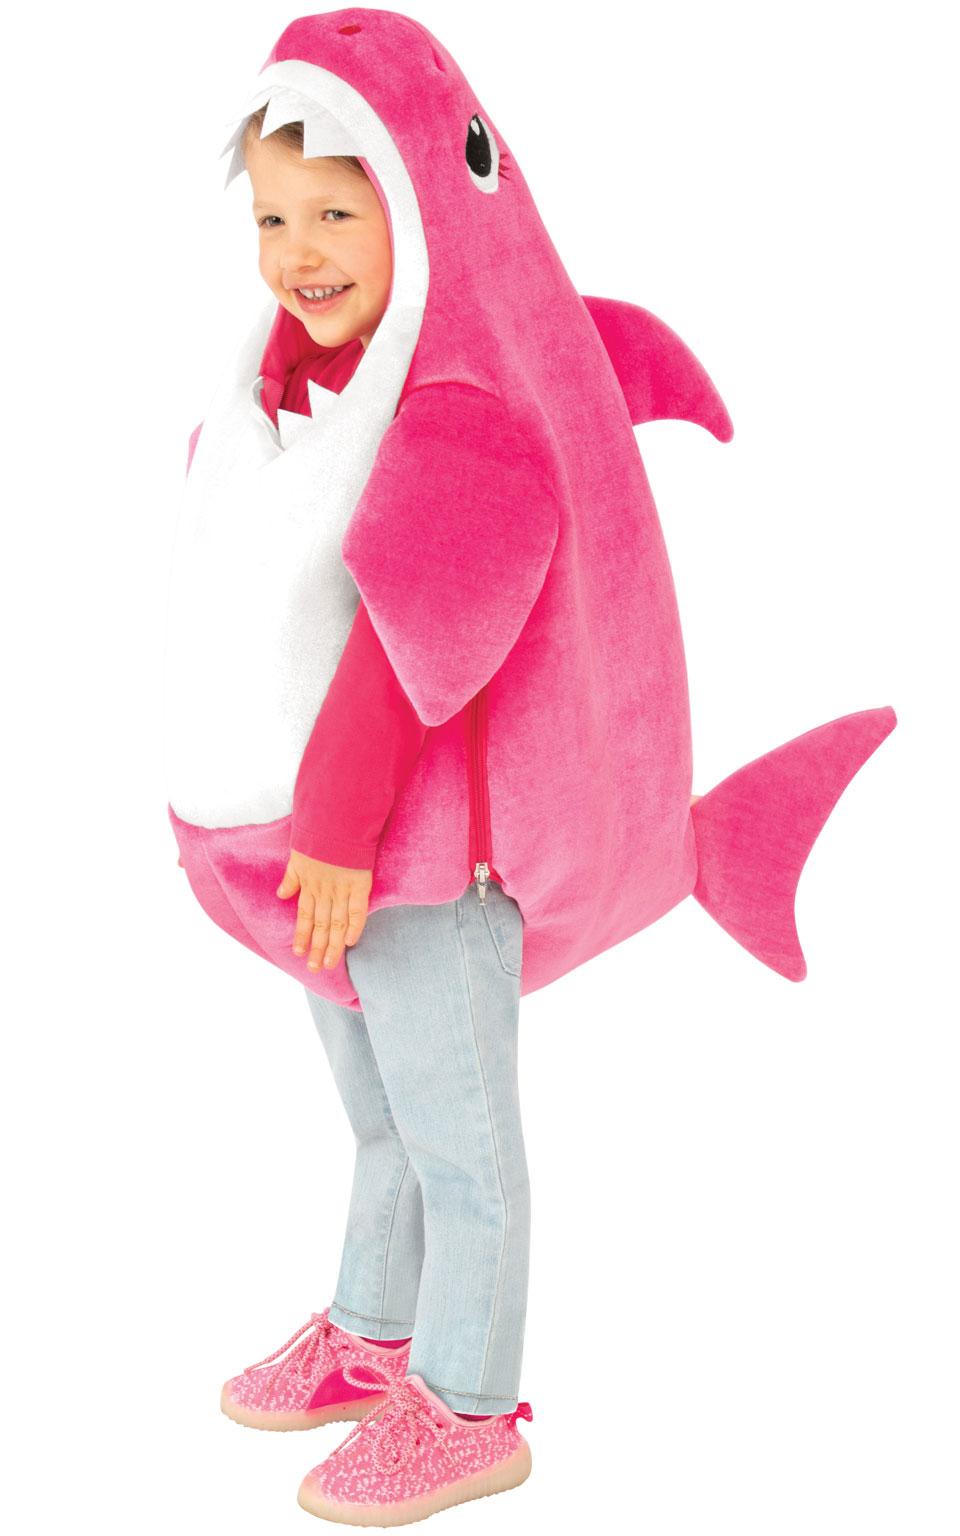 Rubies Detský kostým Baby Shark - ružový Veľkosť - deti: XS